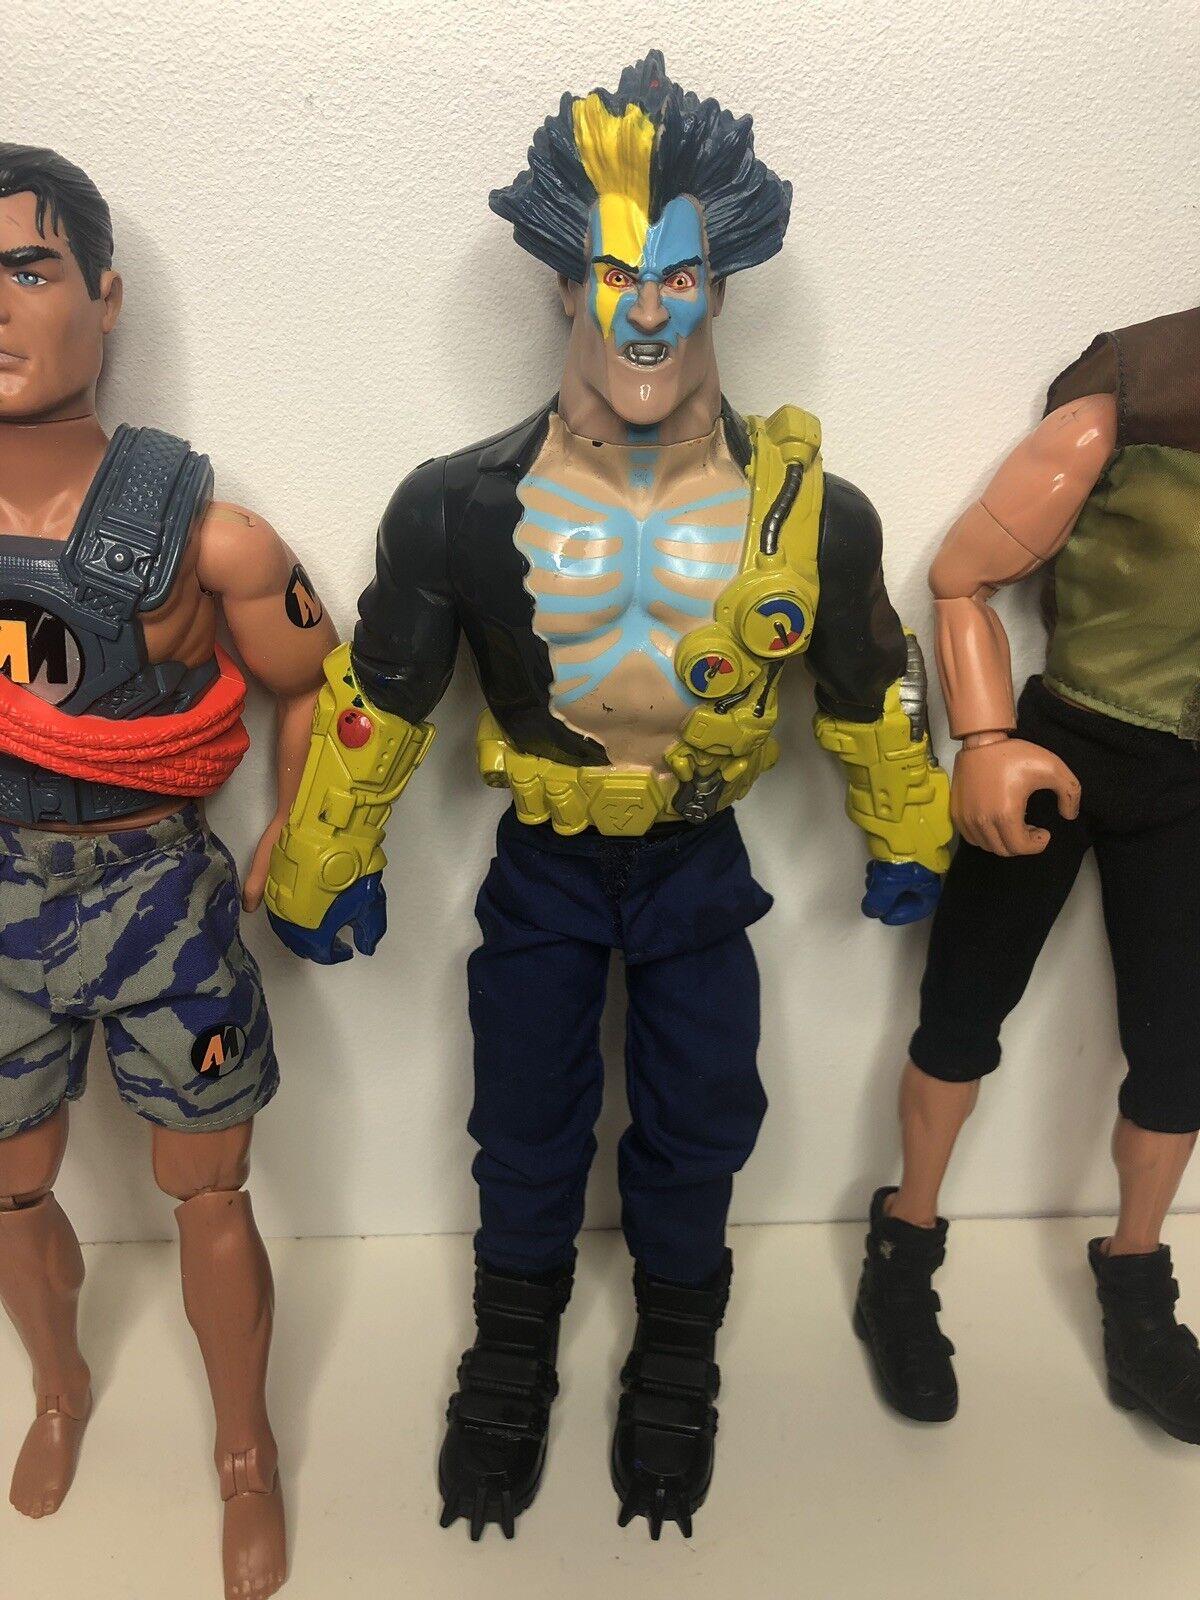 Job Lot Action Man Figures In Good Condition Rare Rare Rare Figures Villain Saw Camo Toy d7a253